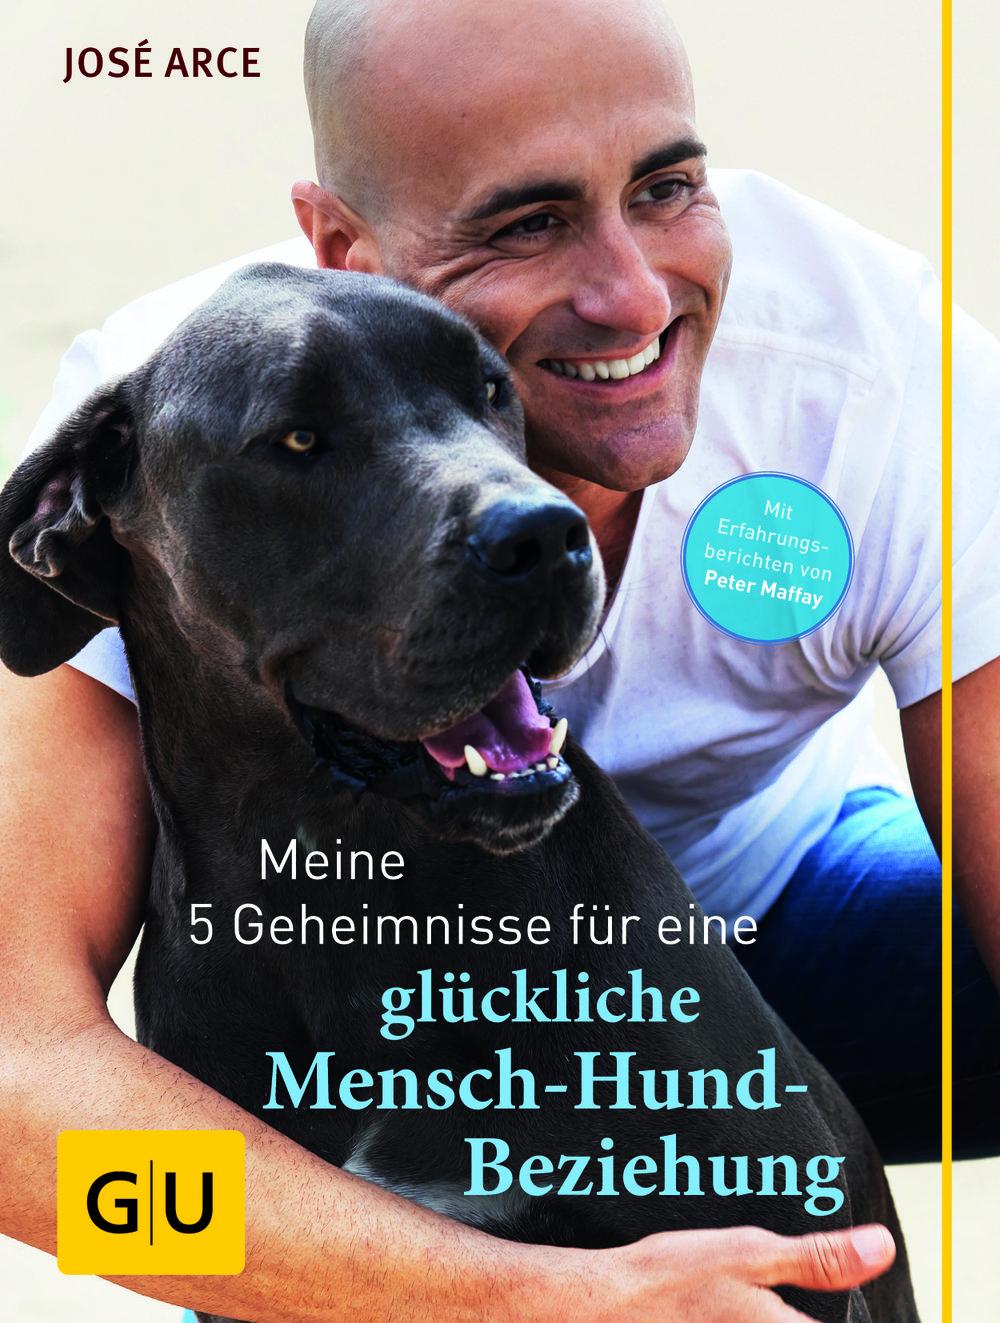 José Arce: Meine 5 Geheimnisse für eine glückliche Mensch-Hund-Beziehung